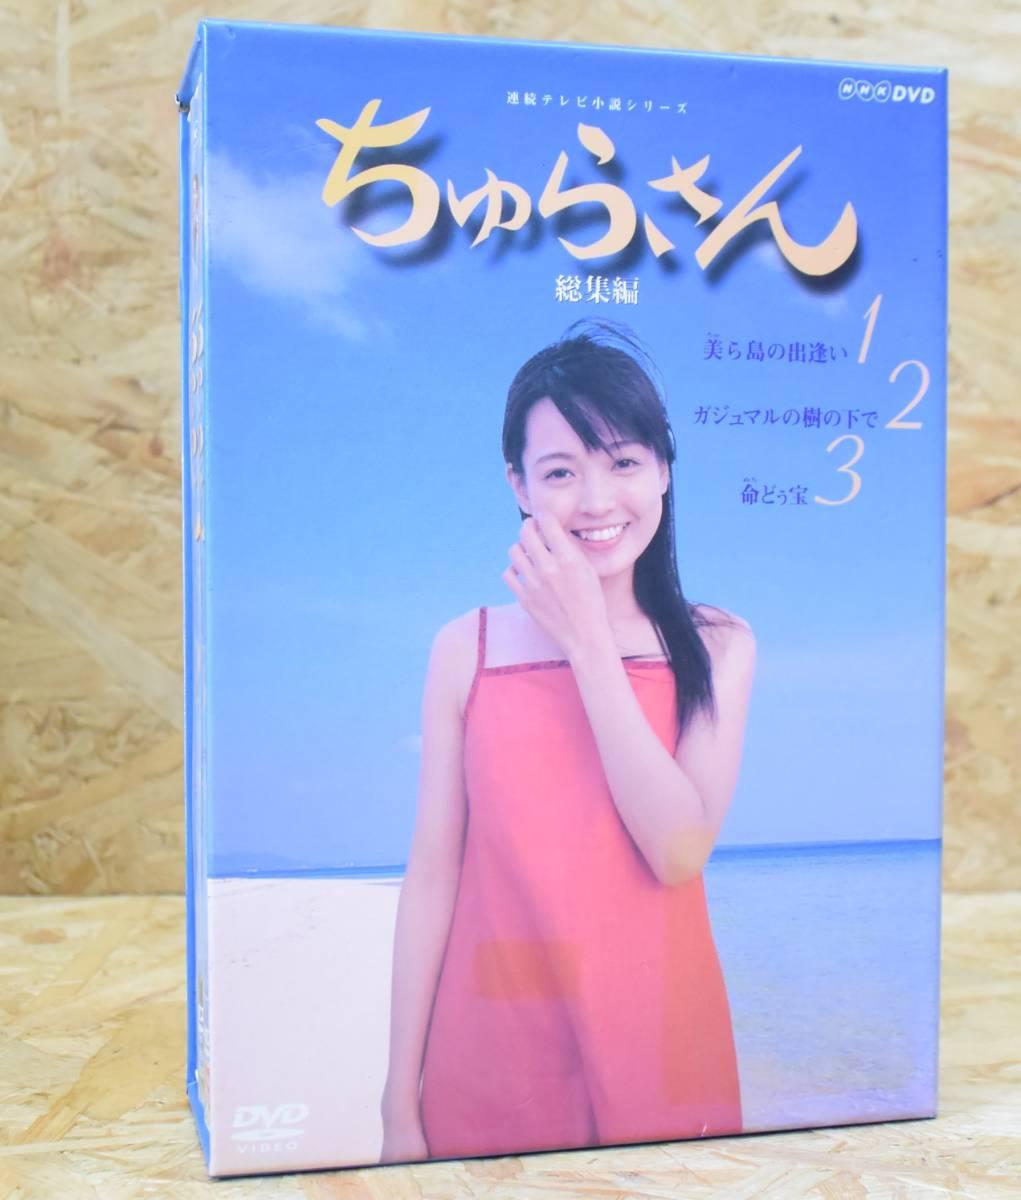 【中古品】ちゅらさん 総集編 連続テレビ小説シリーズ DVD BOX